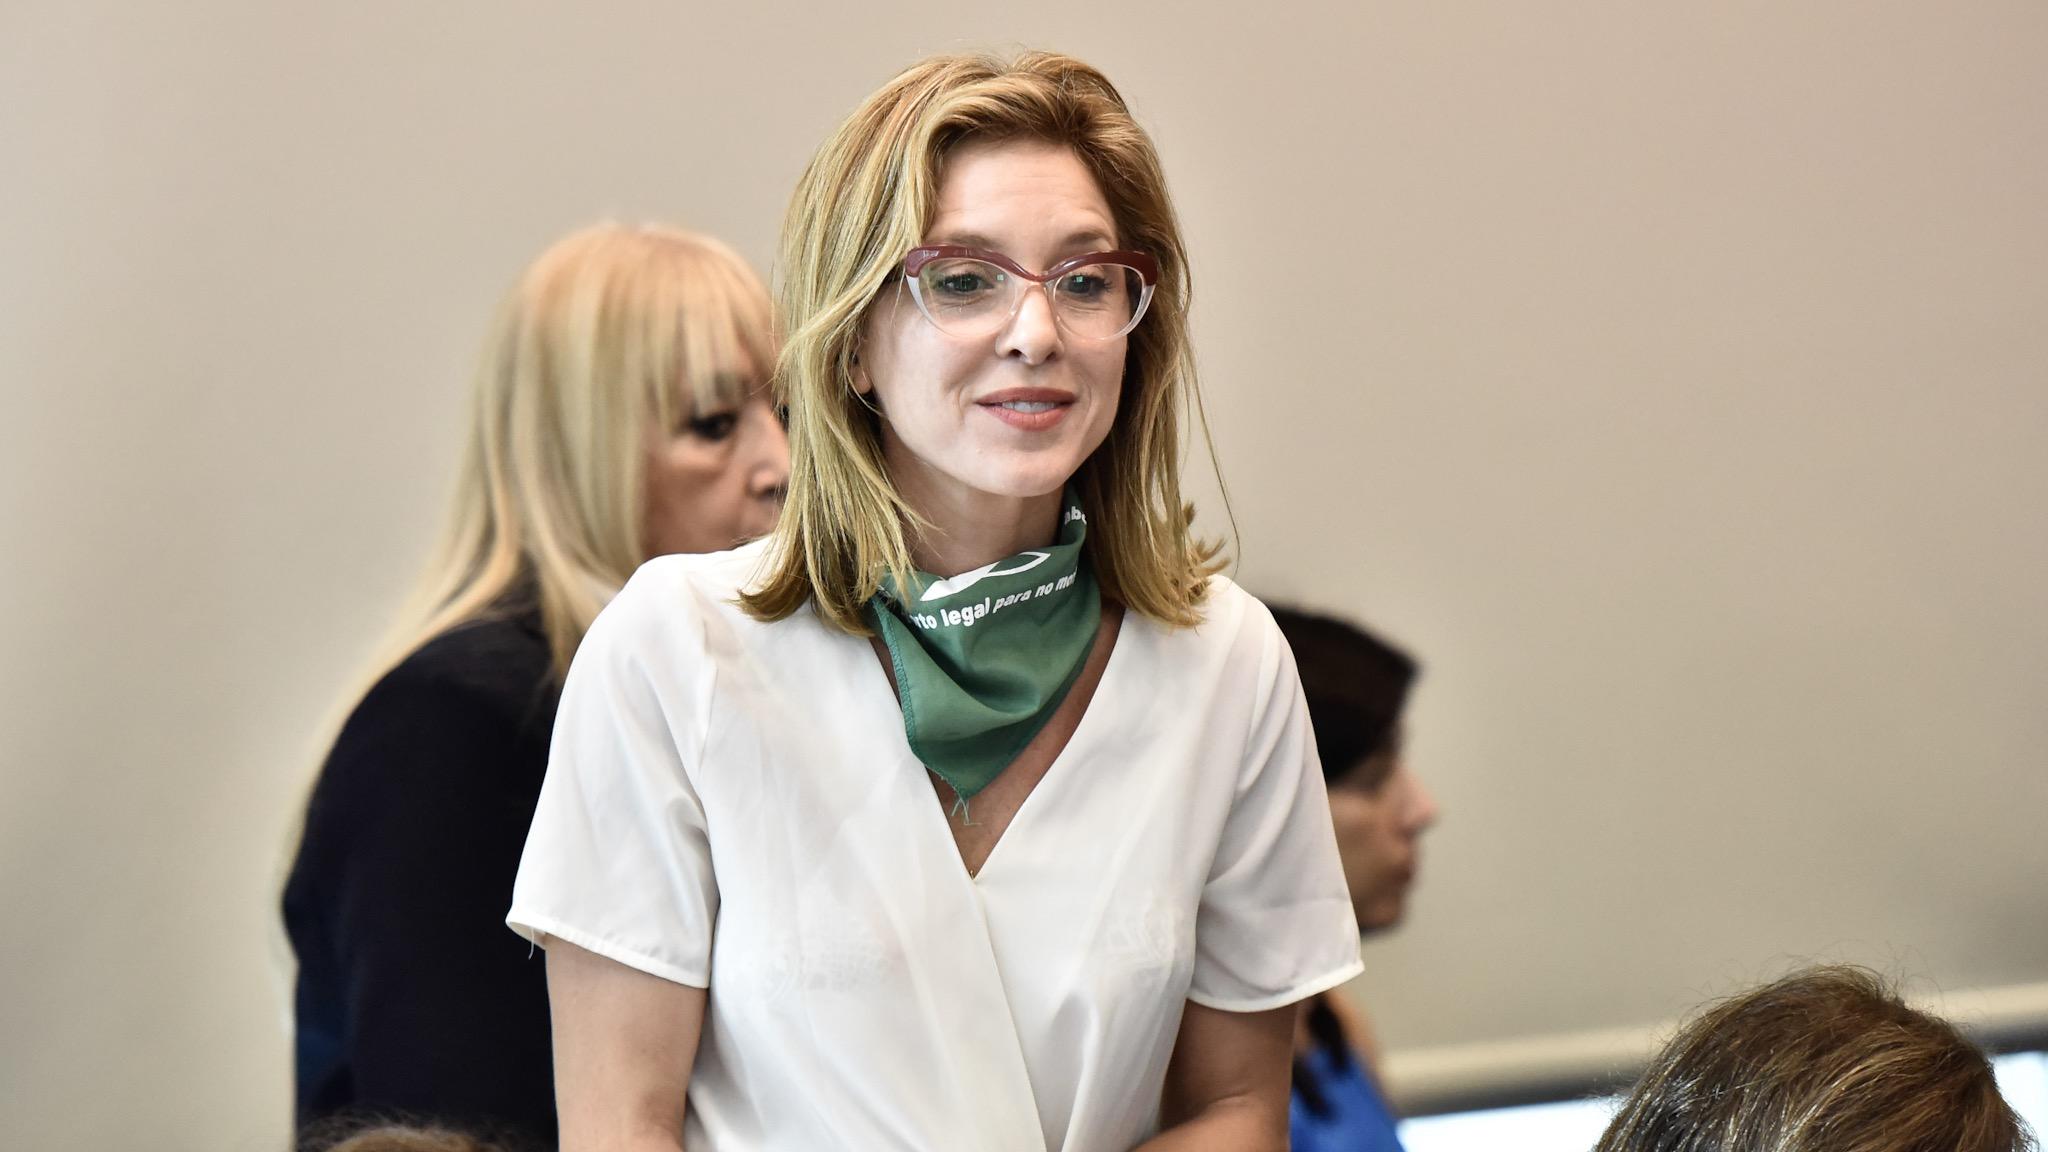 Carla Peterson lució el pañuelo verde con el que se identifican los militantes que apoyan la despenalización del aborto